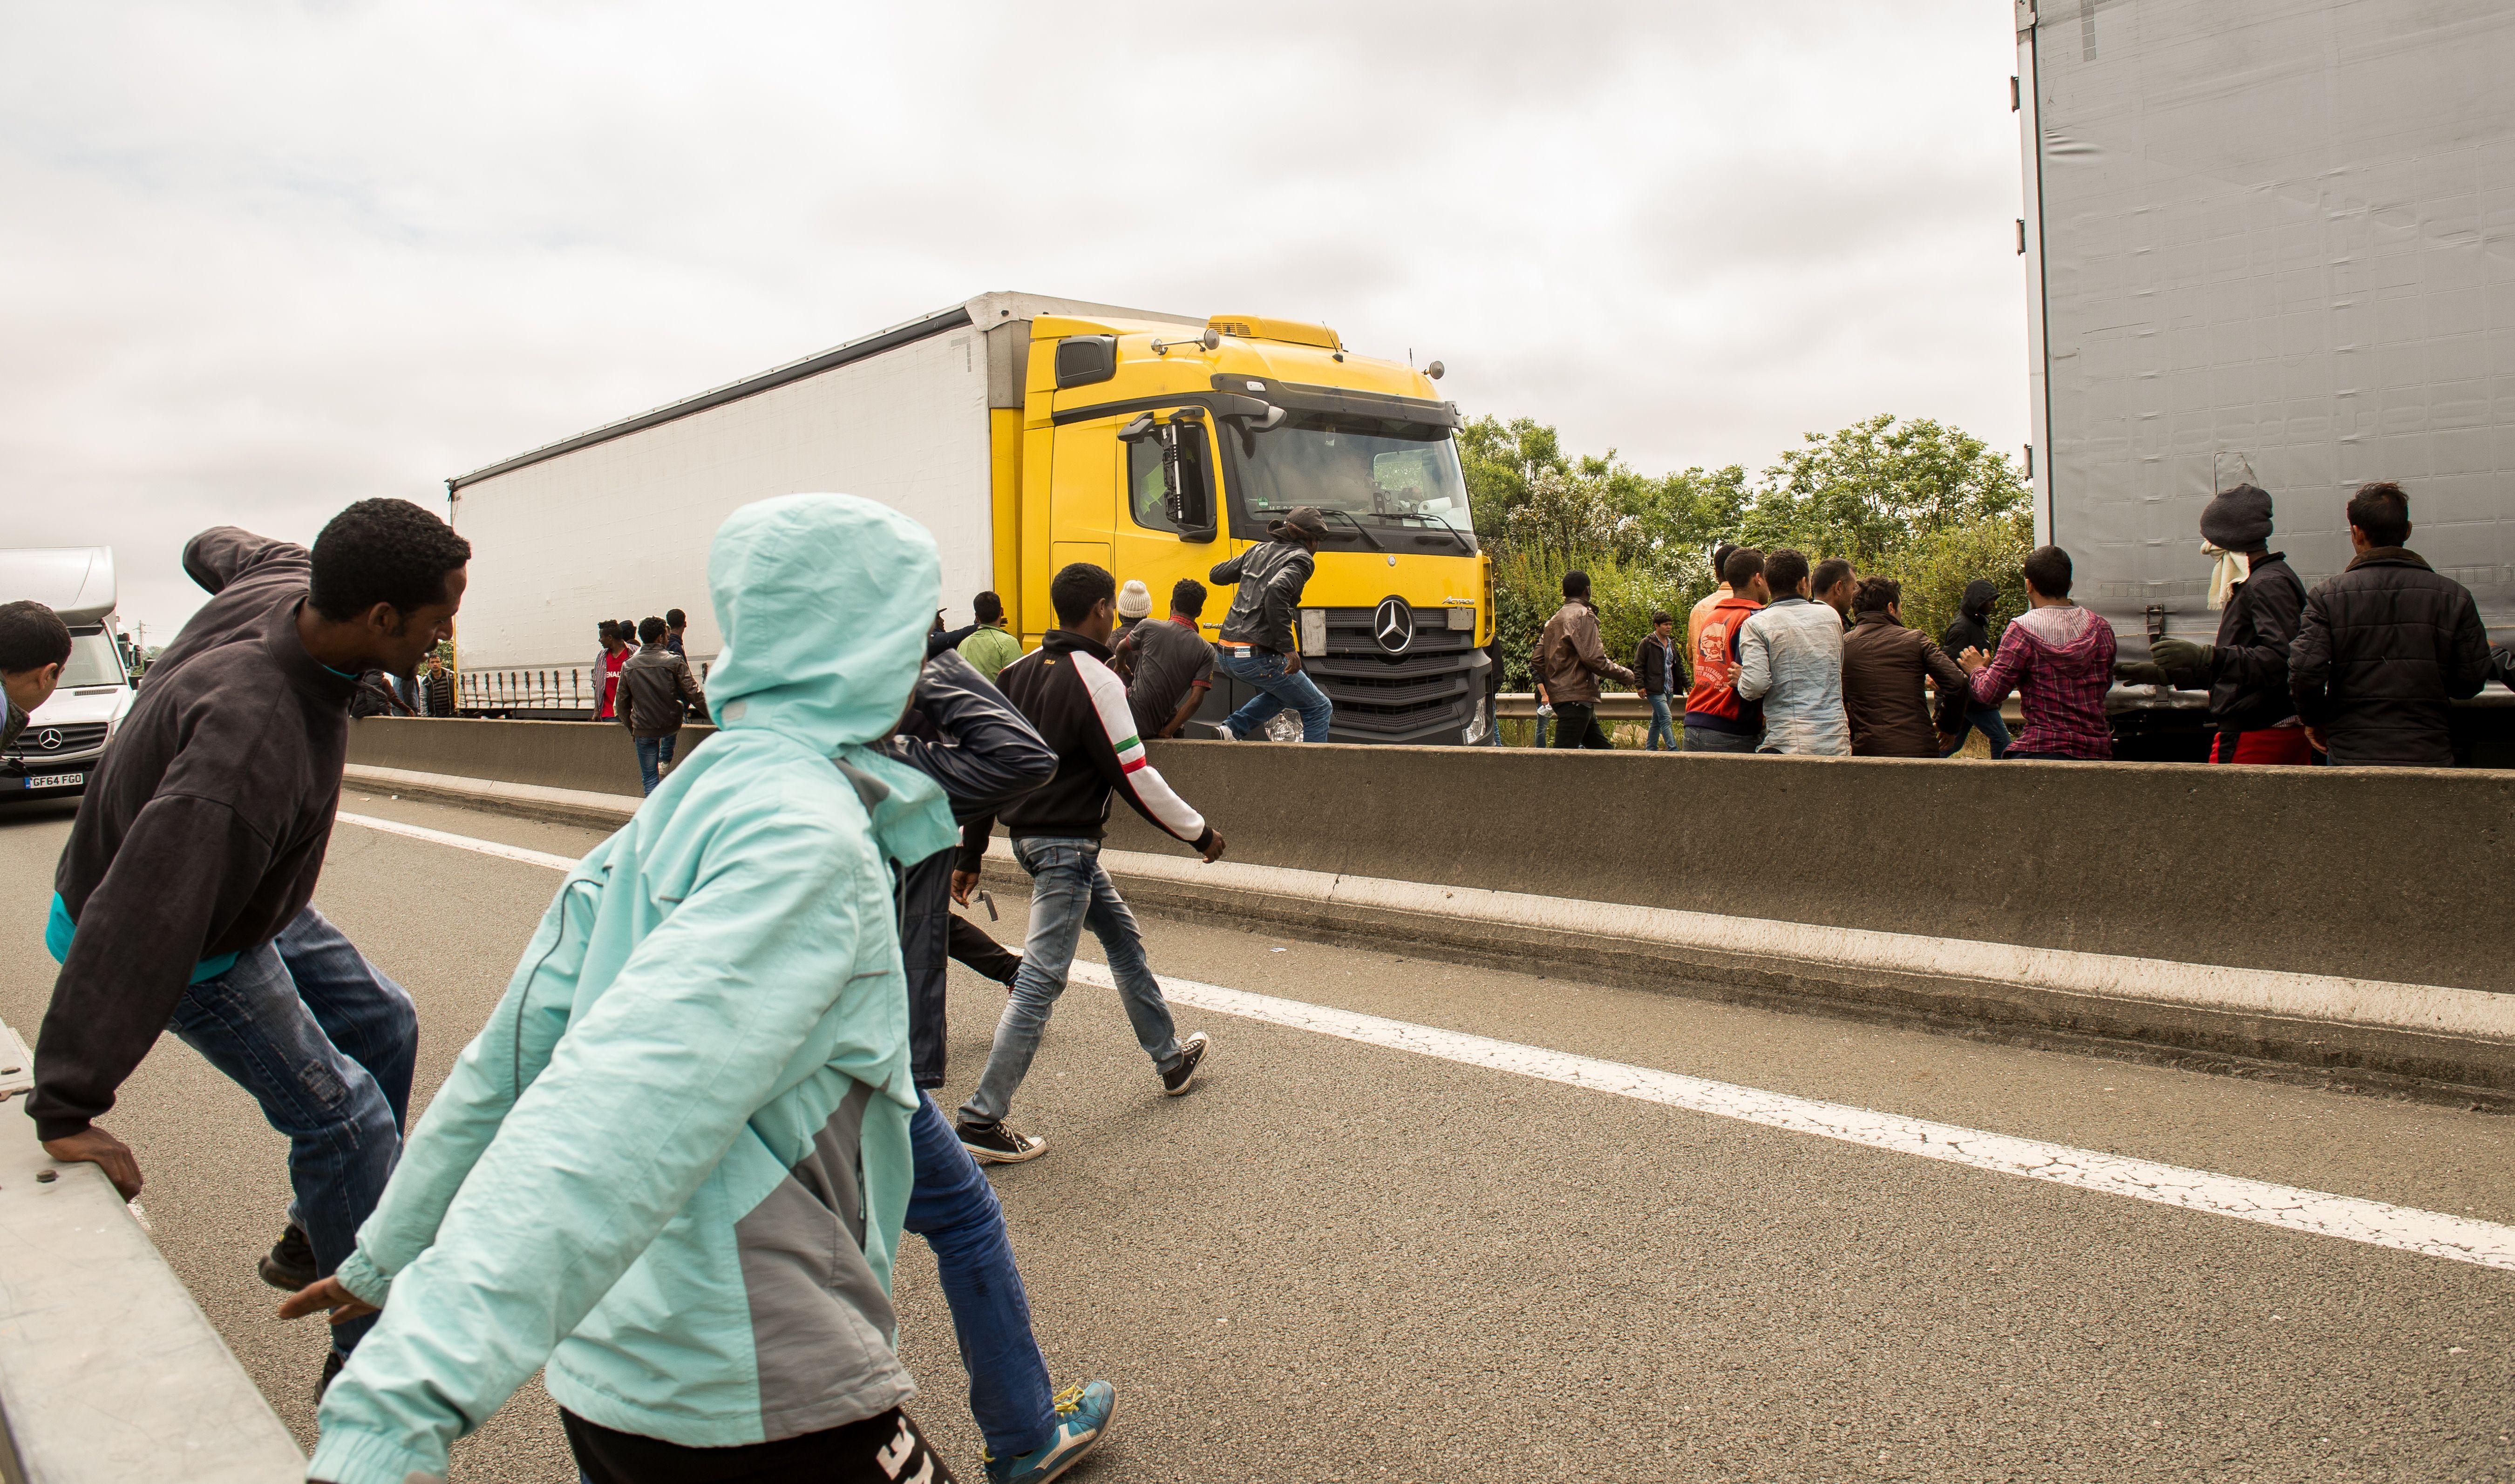 Französische Regierung lehnt neues Flüchtlingslager in Calais strikt ab